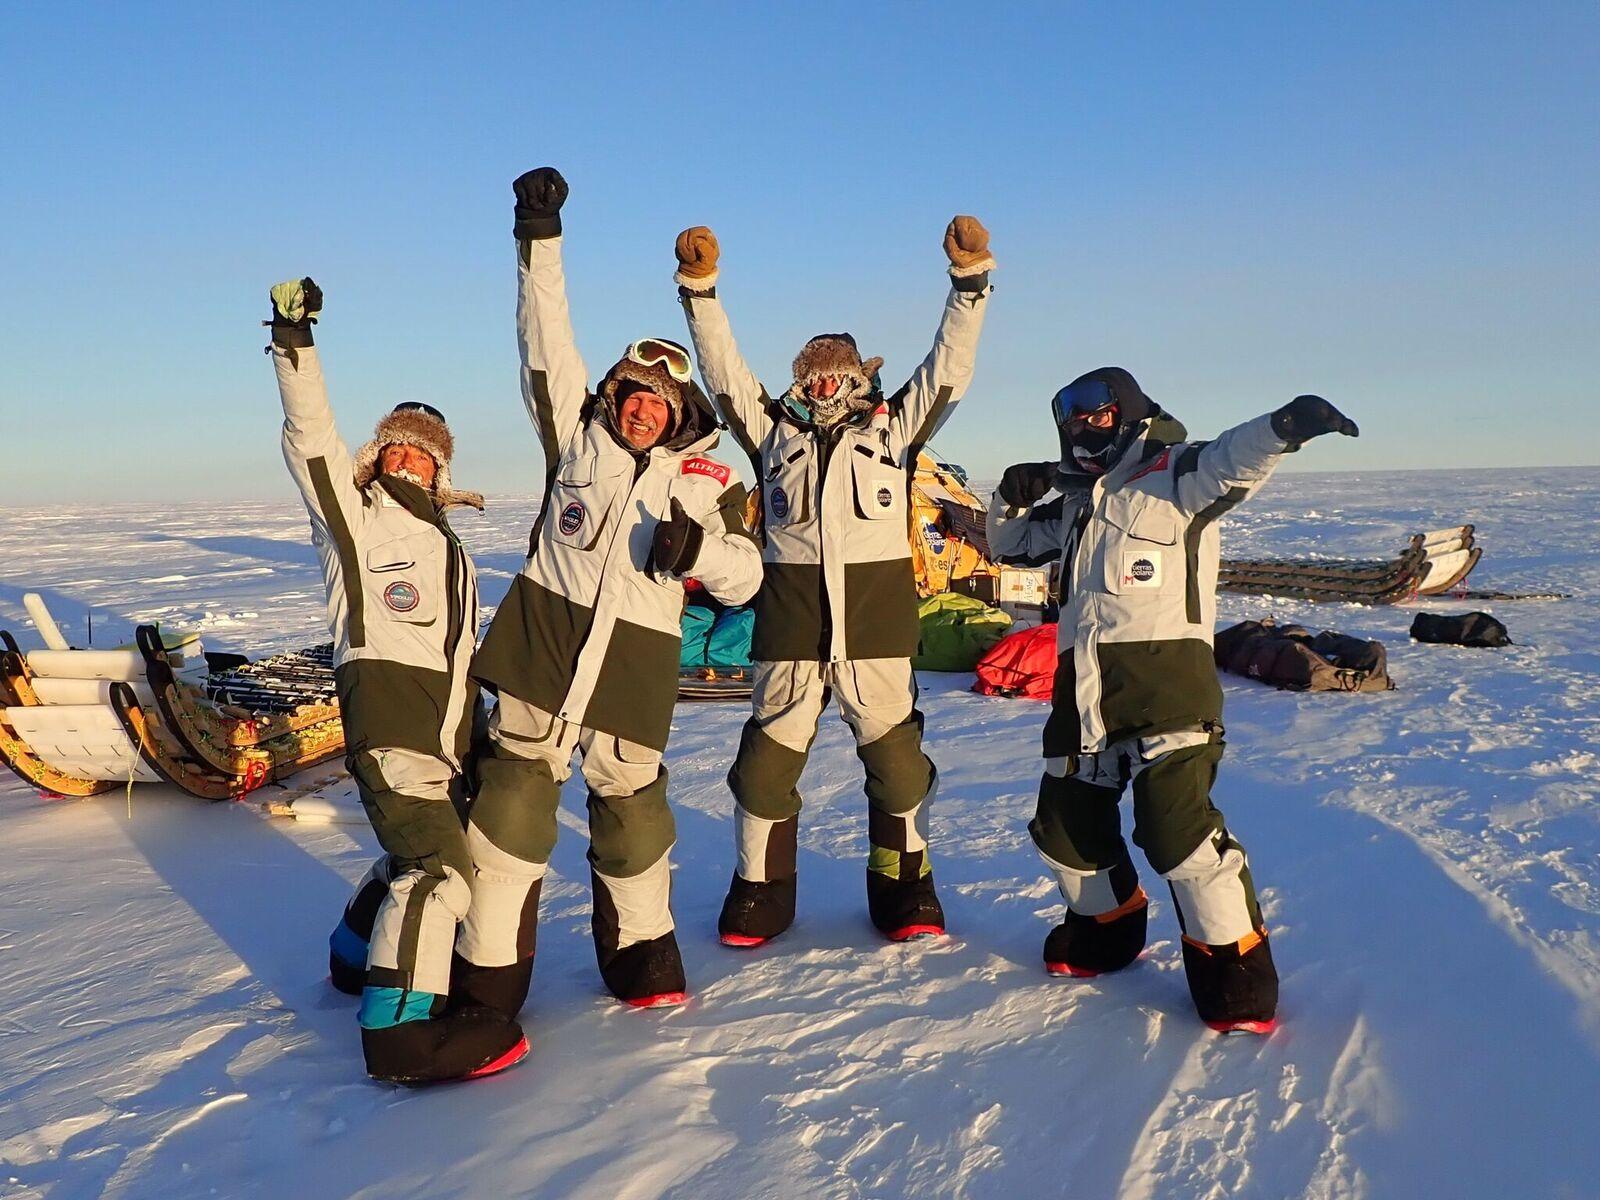 El Trineo de Viento culmina con éxito su expedición en la Antártida